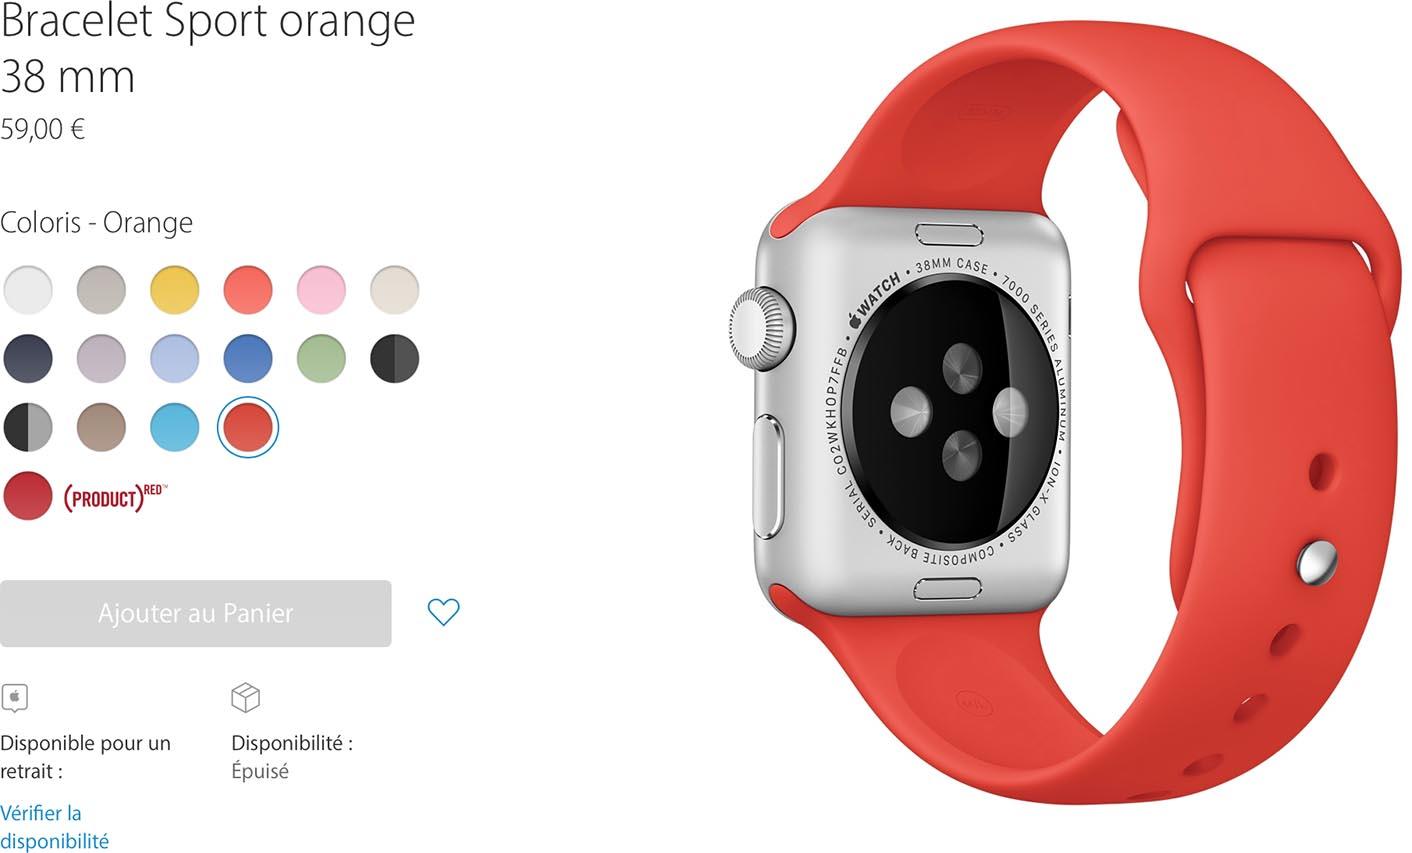 Bracelet Apple Watch Sport Orange